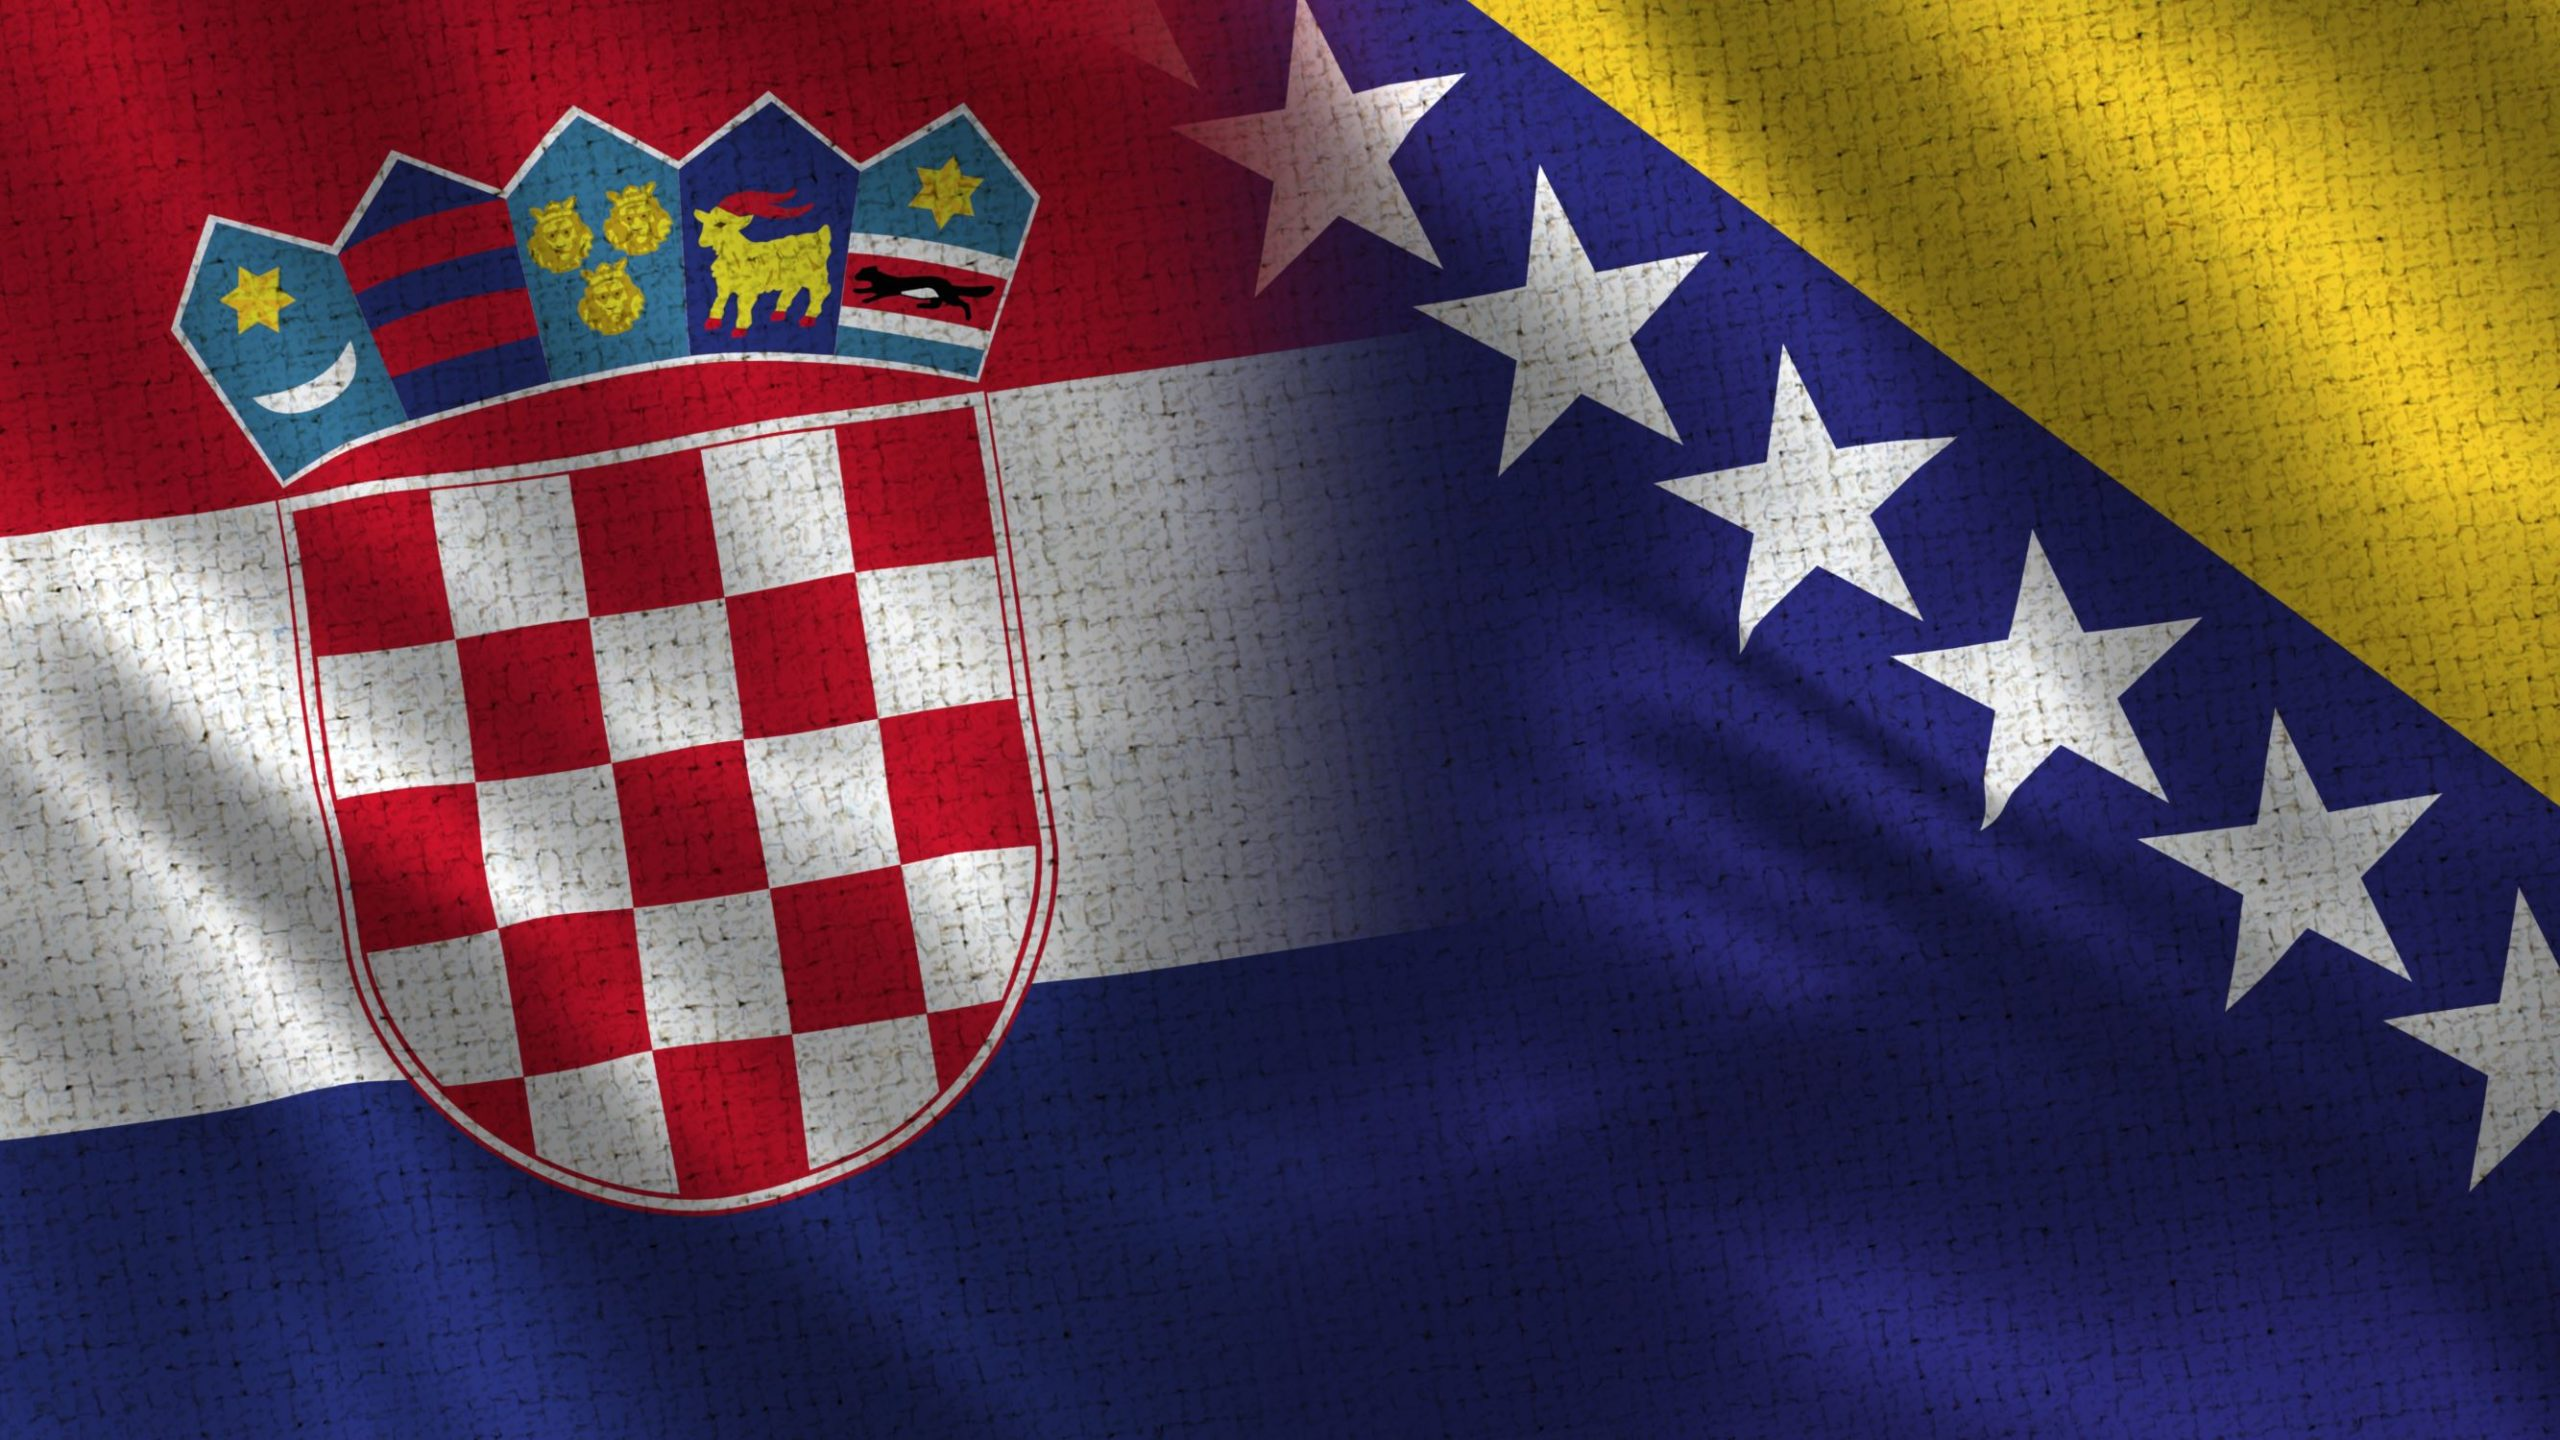 hrvatska-bih-scaled